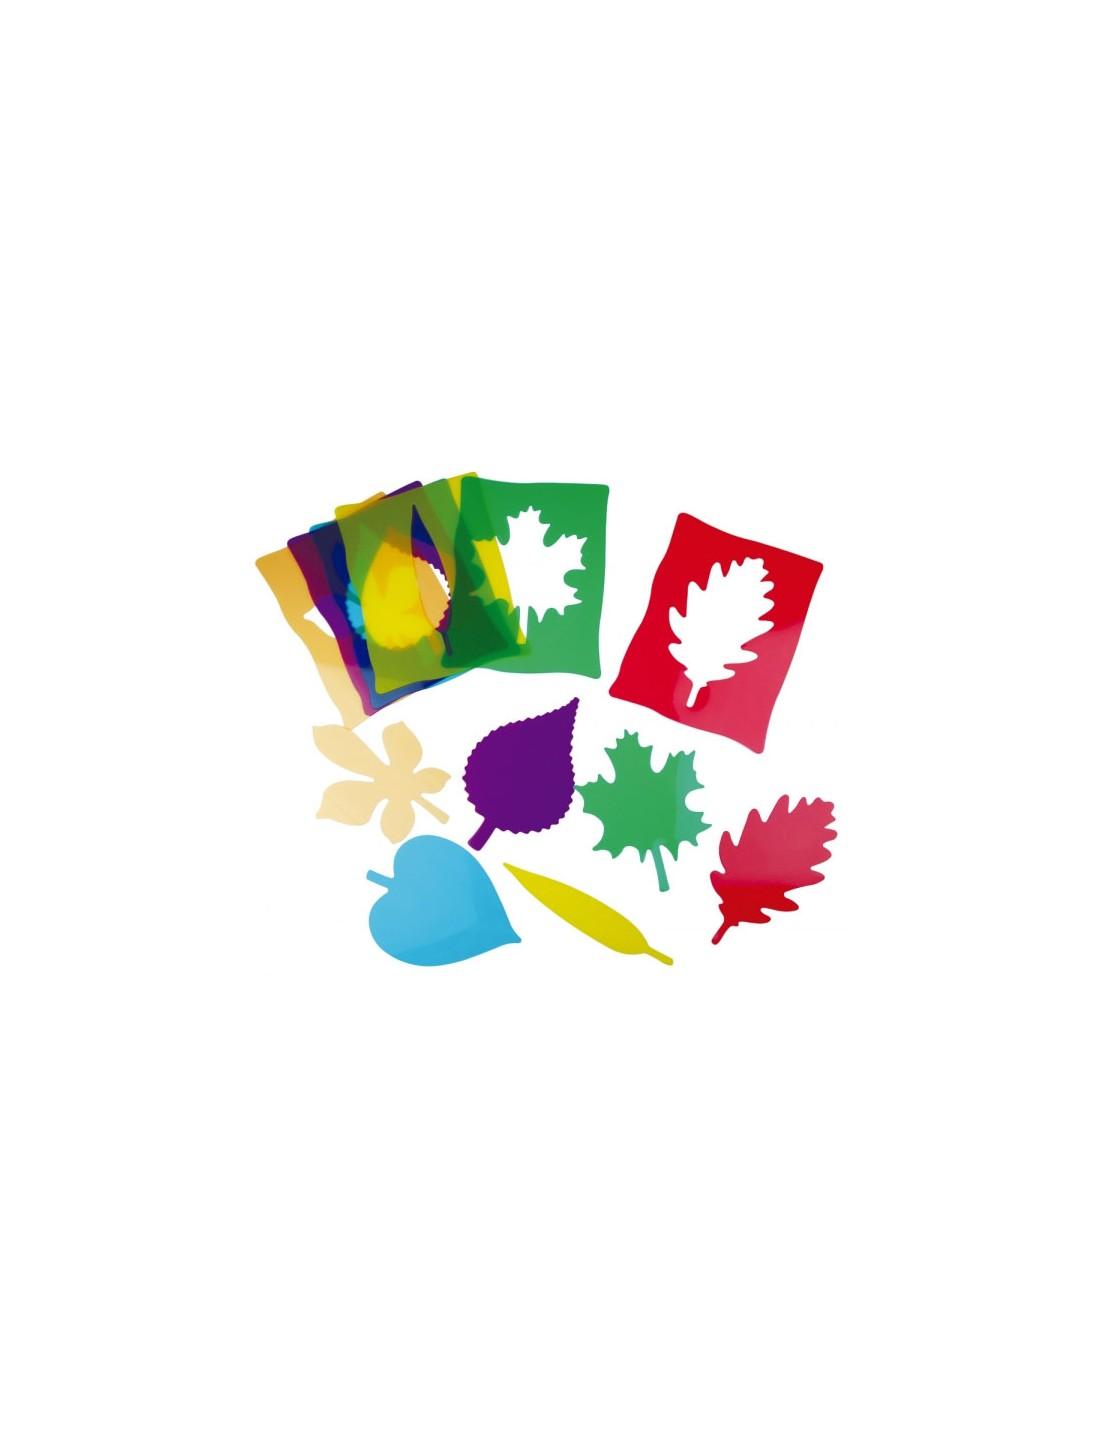 Siluetas de hojas Montessori. Henbea